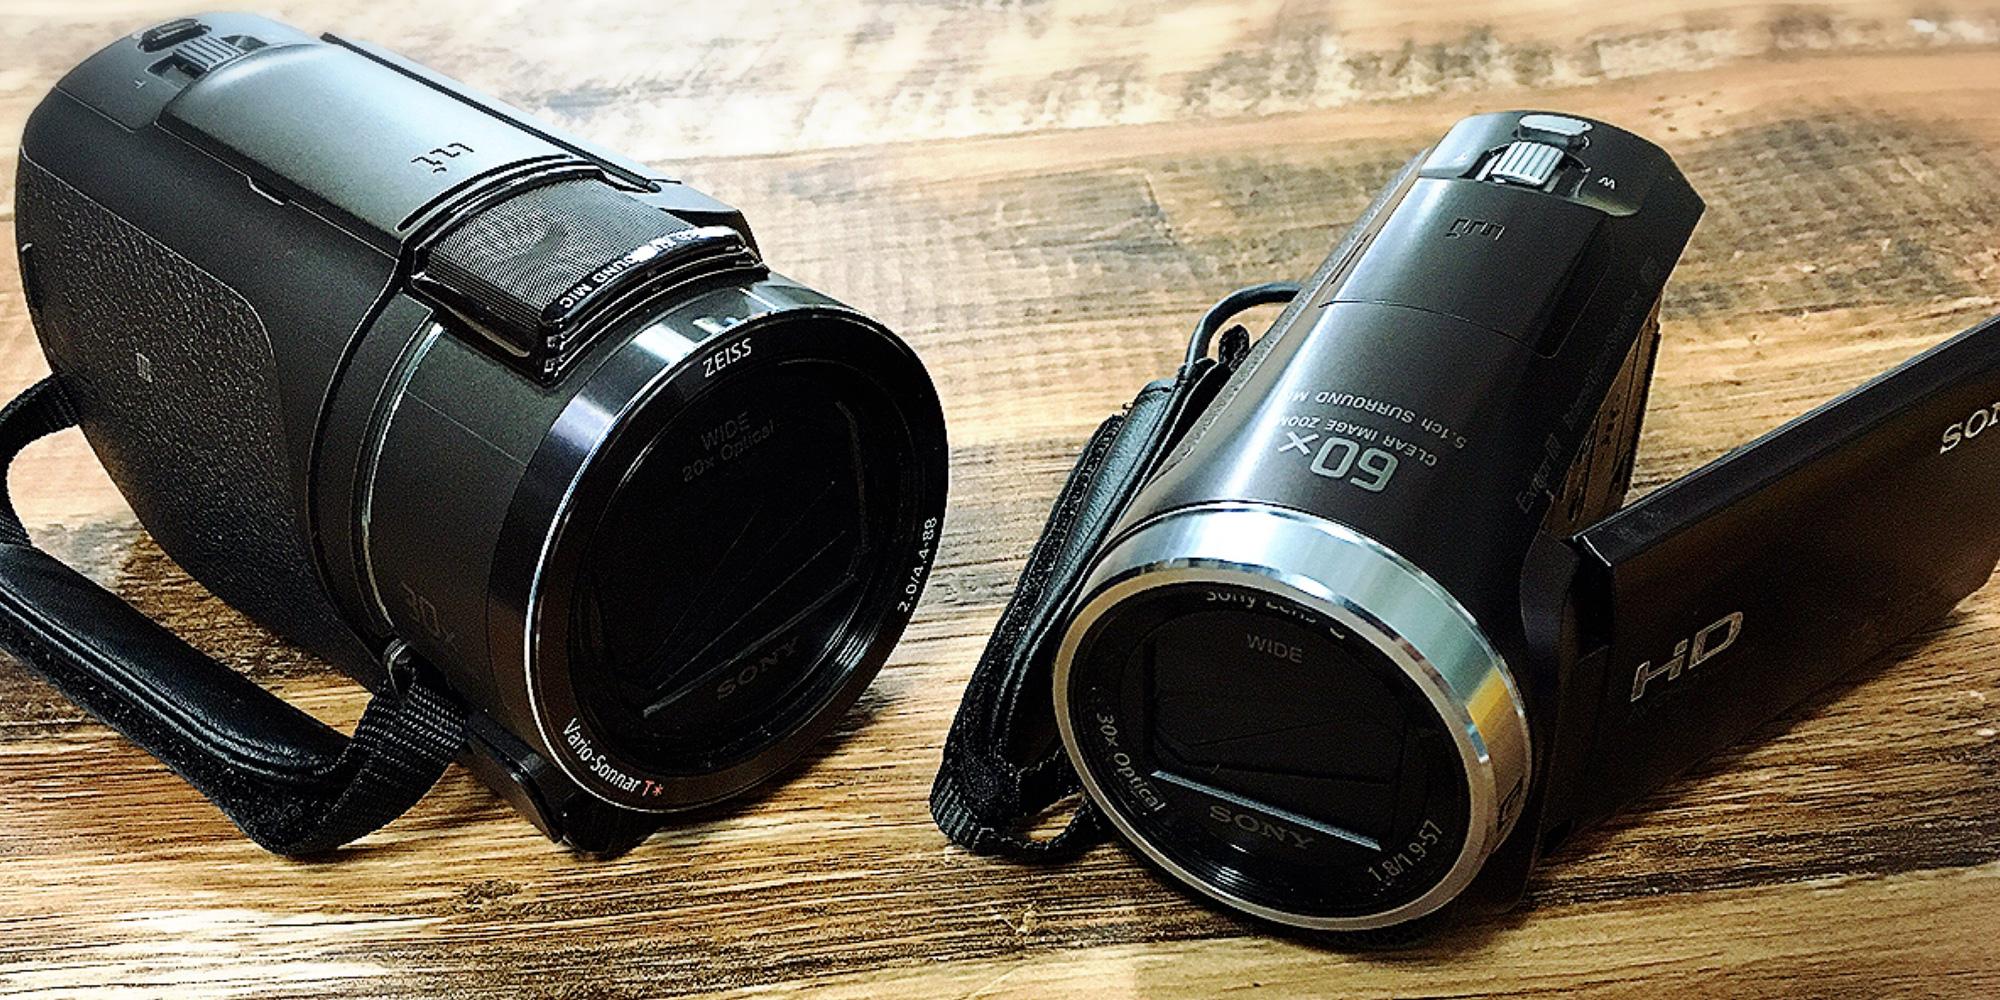 [2021年度版] ビデオカメラ最新15機種の比較と選び方